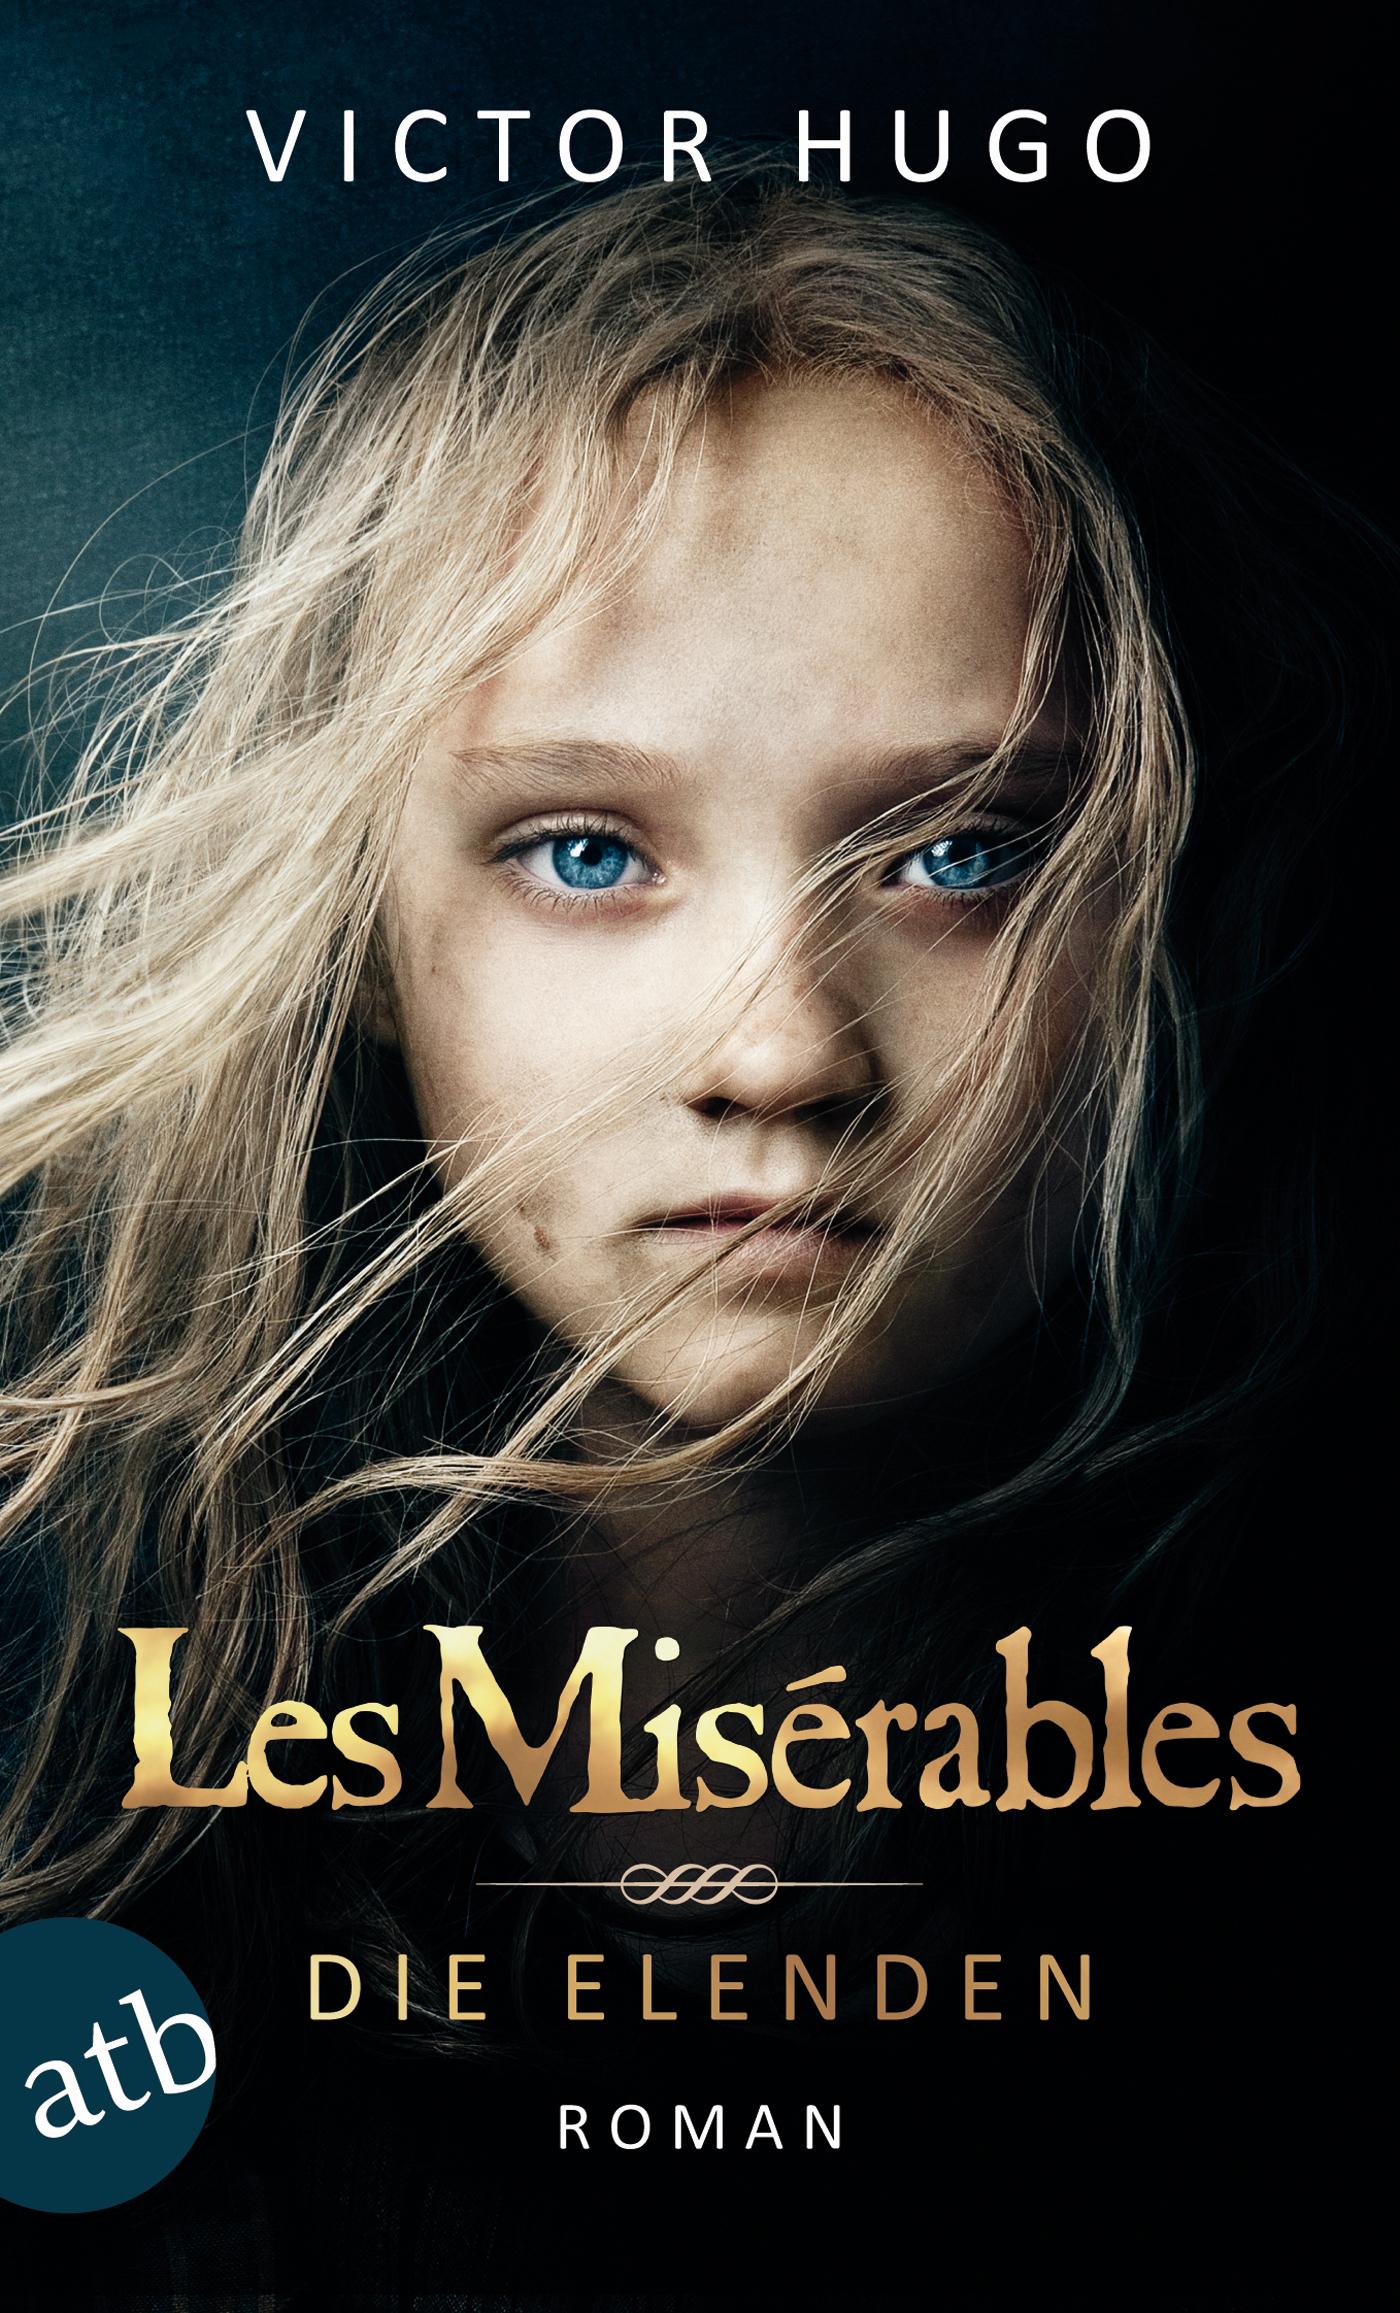 Les Misérables / Die Elenden